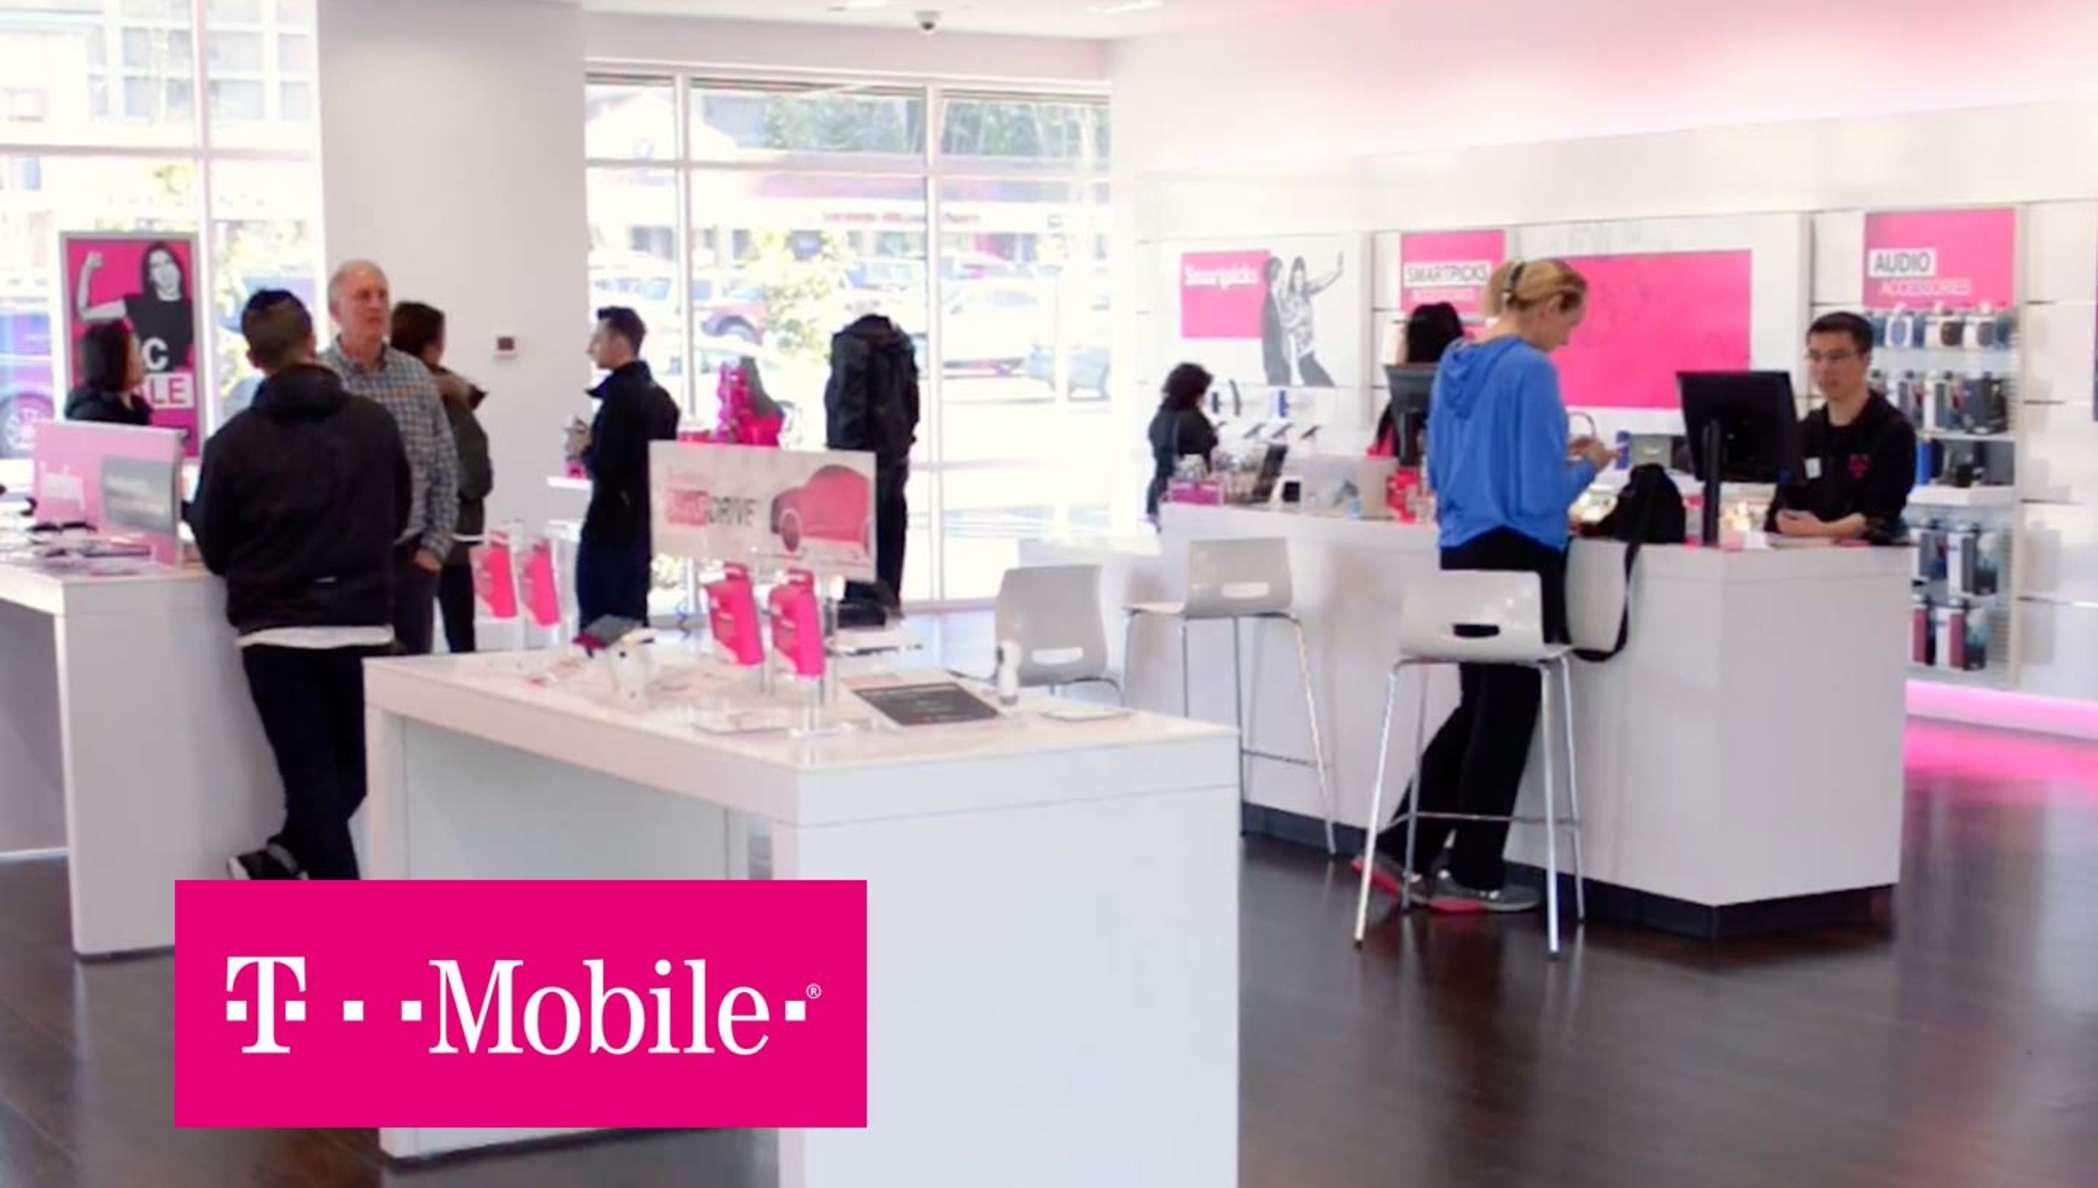 Ein T-Mobile Geschäft mit Mitarbeitern, die Kunden beraten